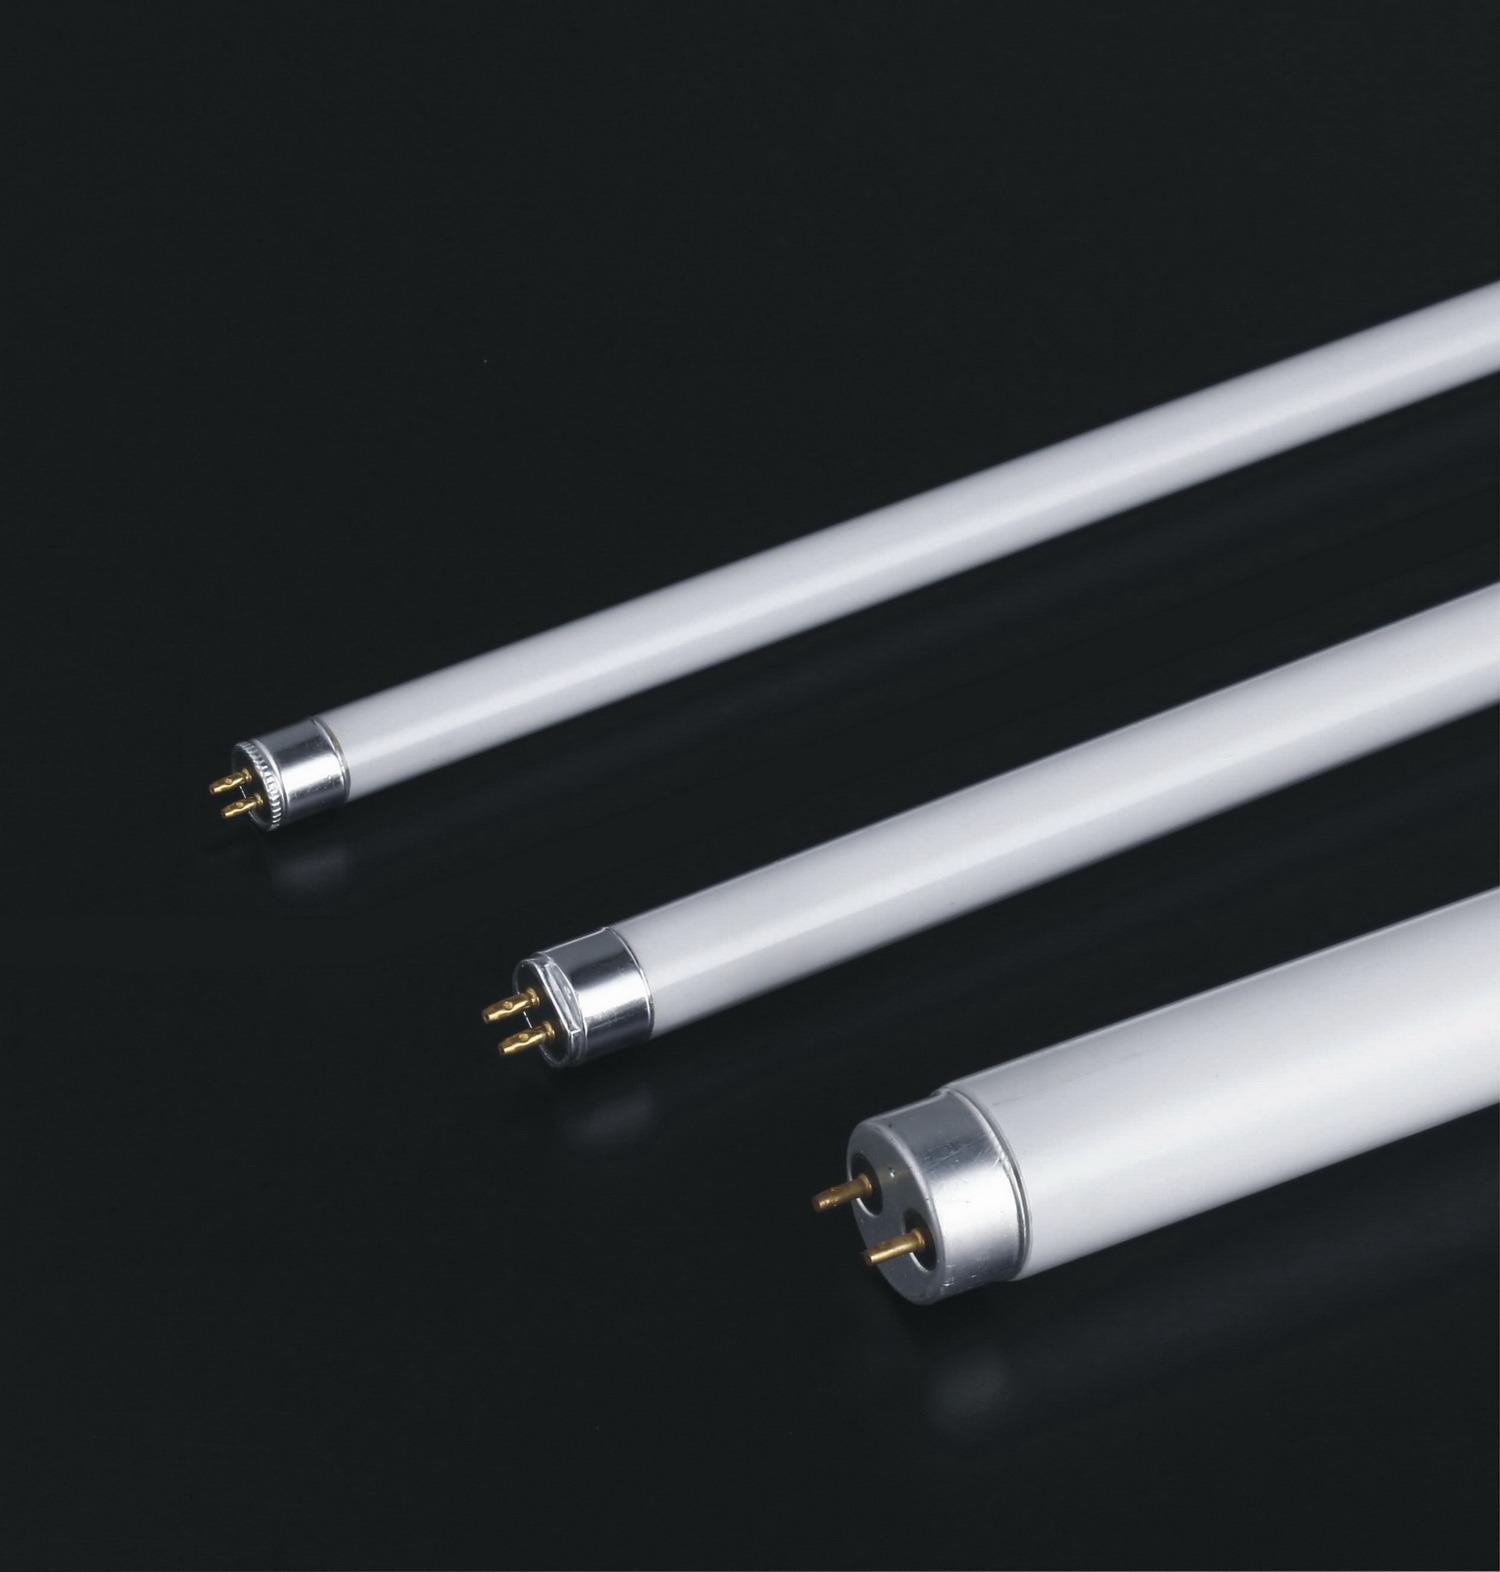 slim fixture fluorescent nora ultra nuls cabinet lighting zoom under light